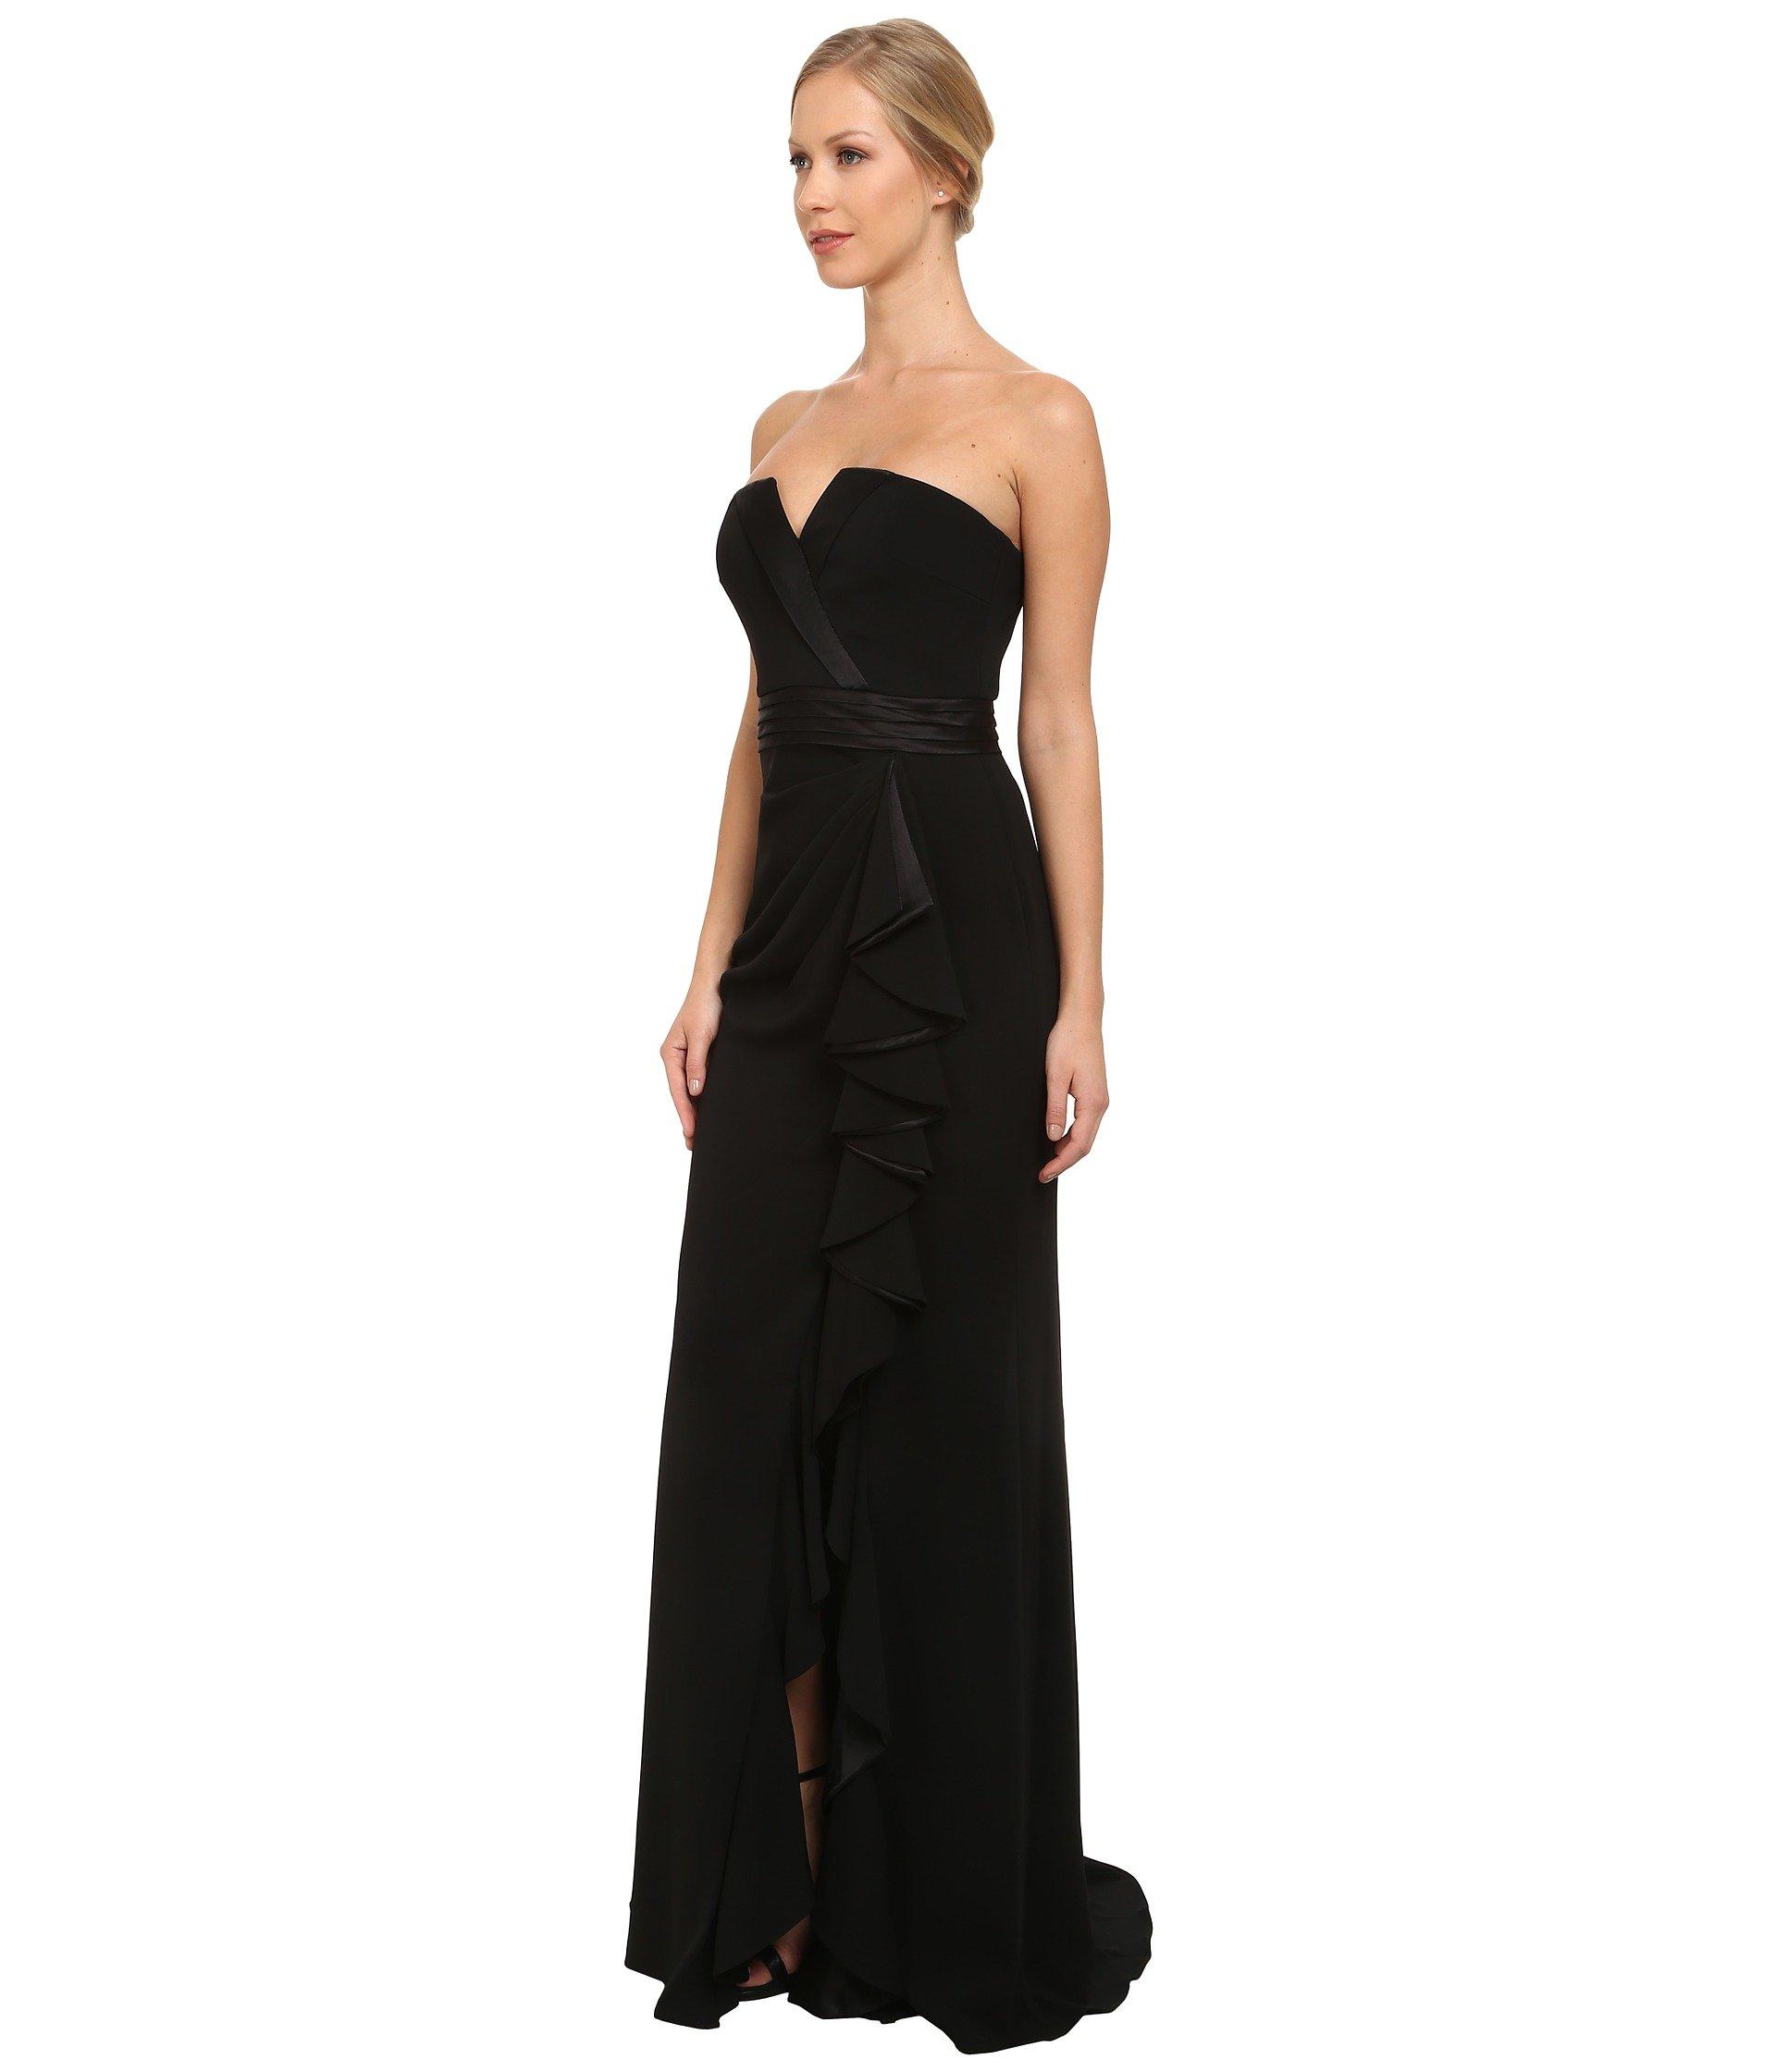 Lyst - Badgley Mischka Tuxedo Ruffle Gown in Black